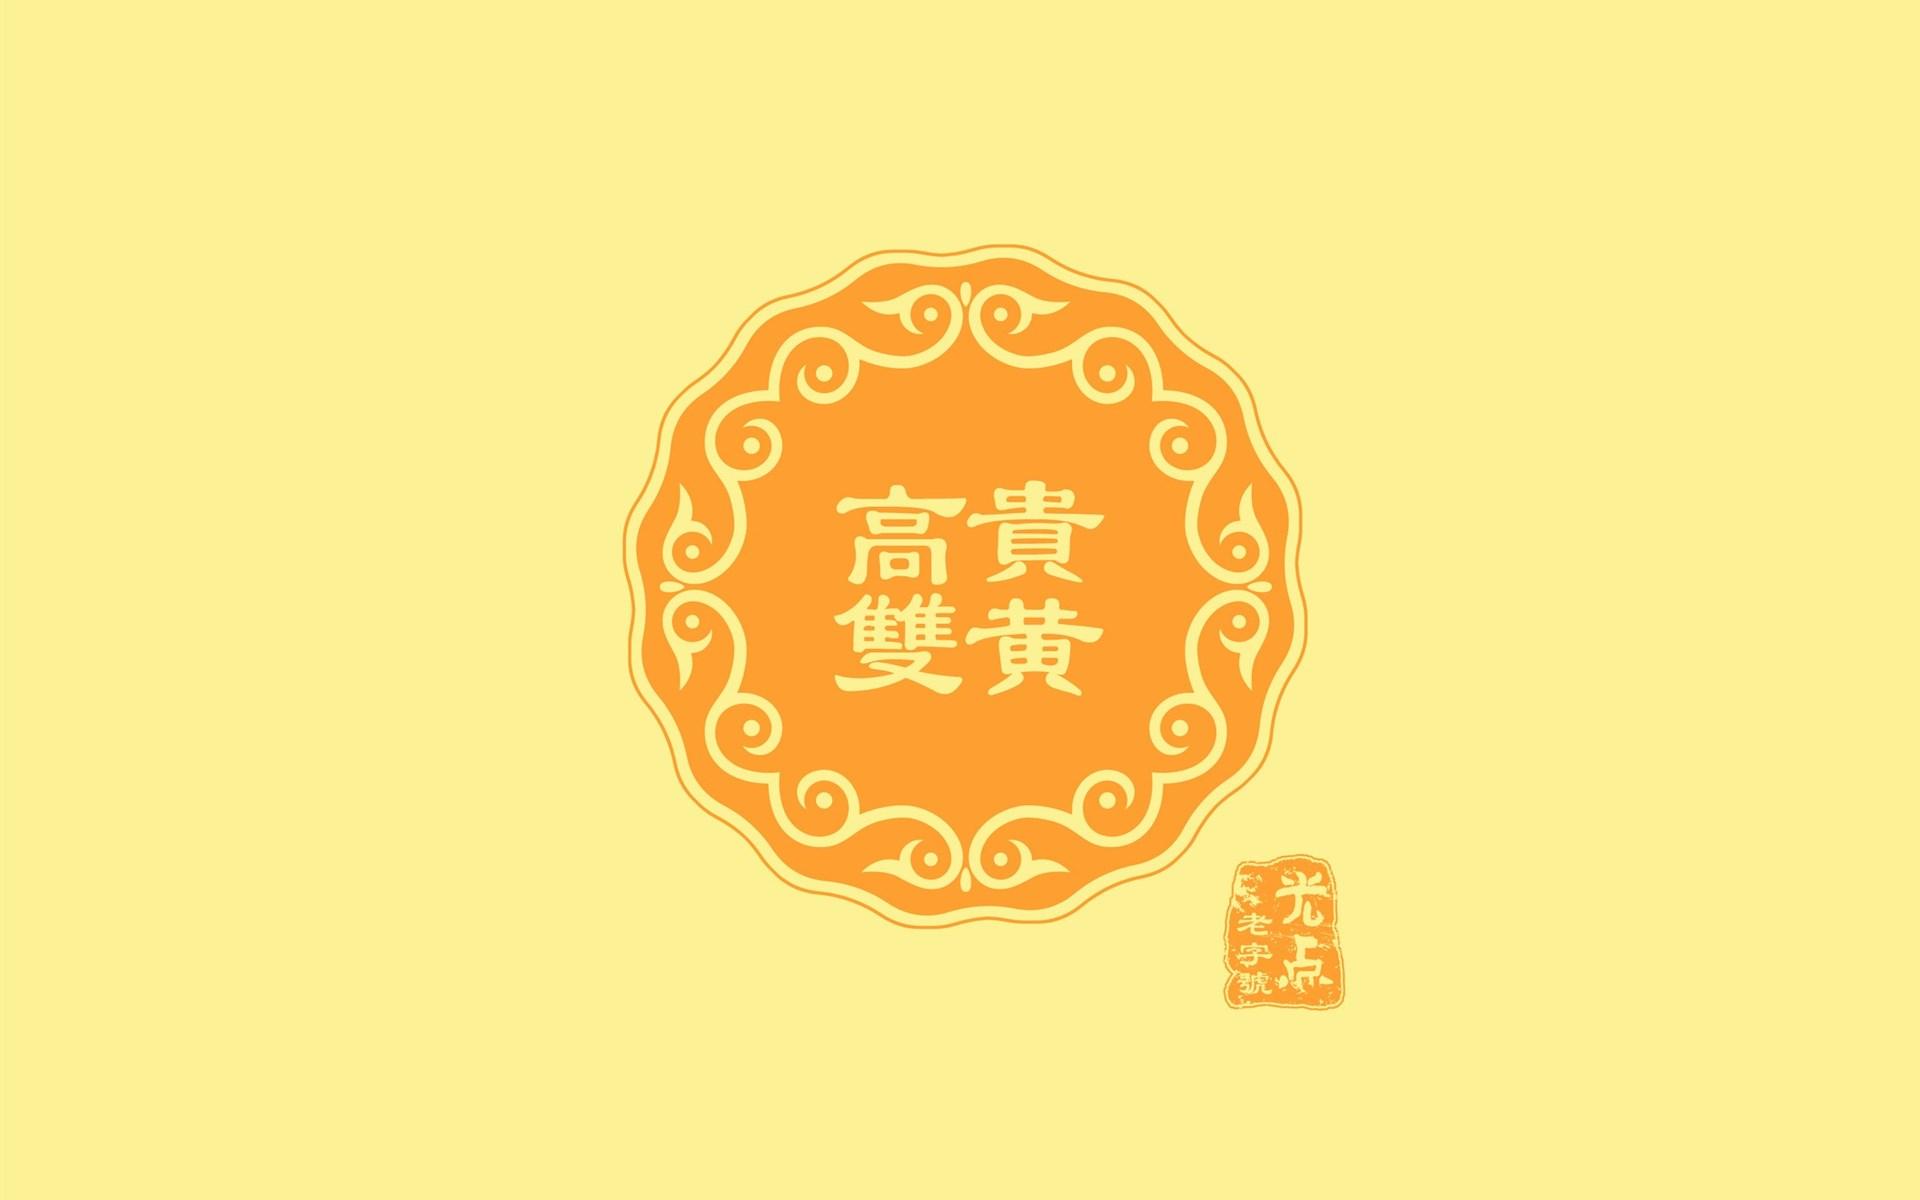 中秋月饼图片第一辑PPT背景图片免费下载是由PPT宝藏(www.pptbz.com)会员zengmin上传推荐的节日PPT背景图片, 更新时间为2016-09-22,素材编号103168。 月饼内馅多采用植物性原料种子,如核桃仁、杏仁、芝麻仁、瓜子、山楂、莲蓉、红小豆、枣泥等,对人体有一定的保健作用。植物性的种子含不饱和脂肪酸高,以油酸、亚油酸居多,对软化血管防止动脉硬化有益;含矿物质,有利于提高免疫力,预防儿童锌缺乏、缺铁贫血;莲子、红小豆、芝麻含钾很高,置换细胞内钠盐排出,营养心肌、调节血压;从中医角